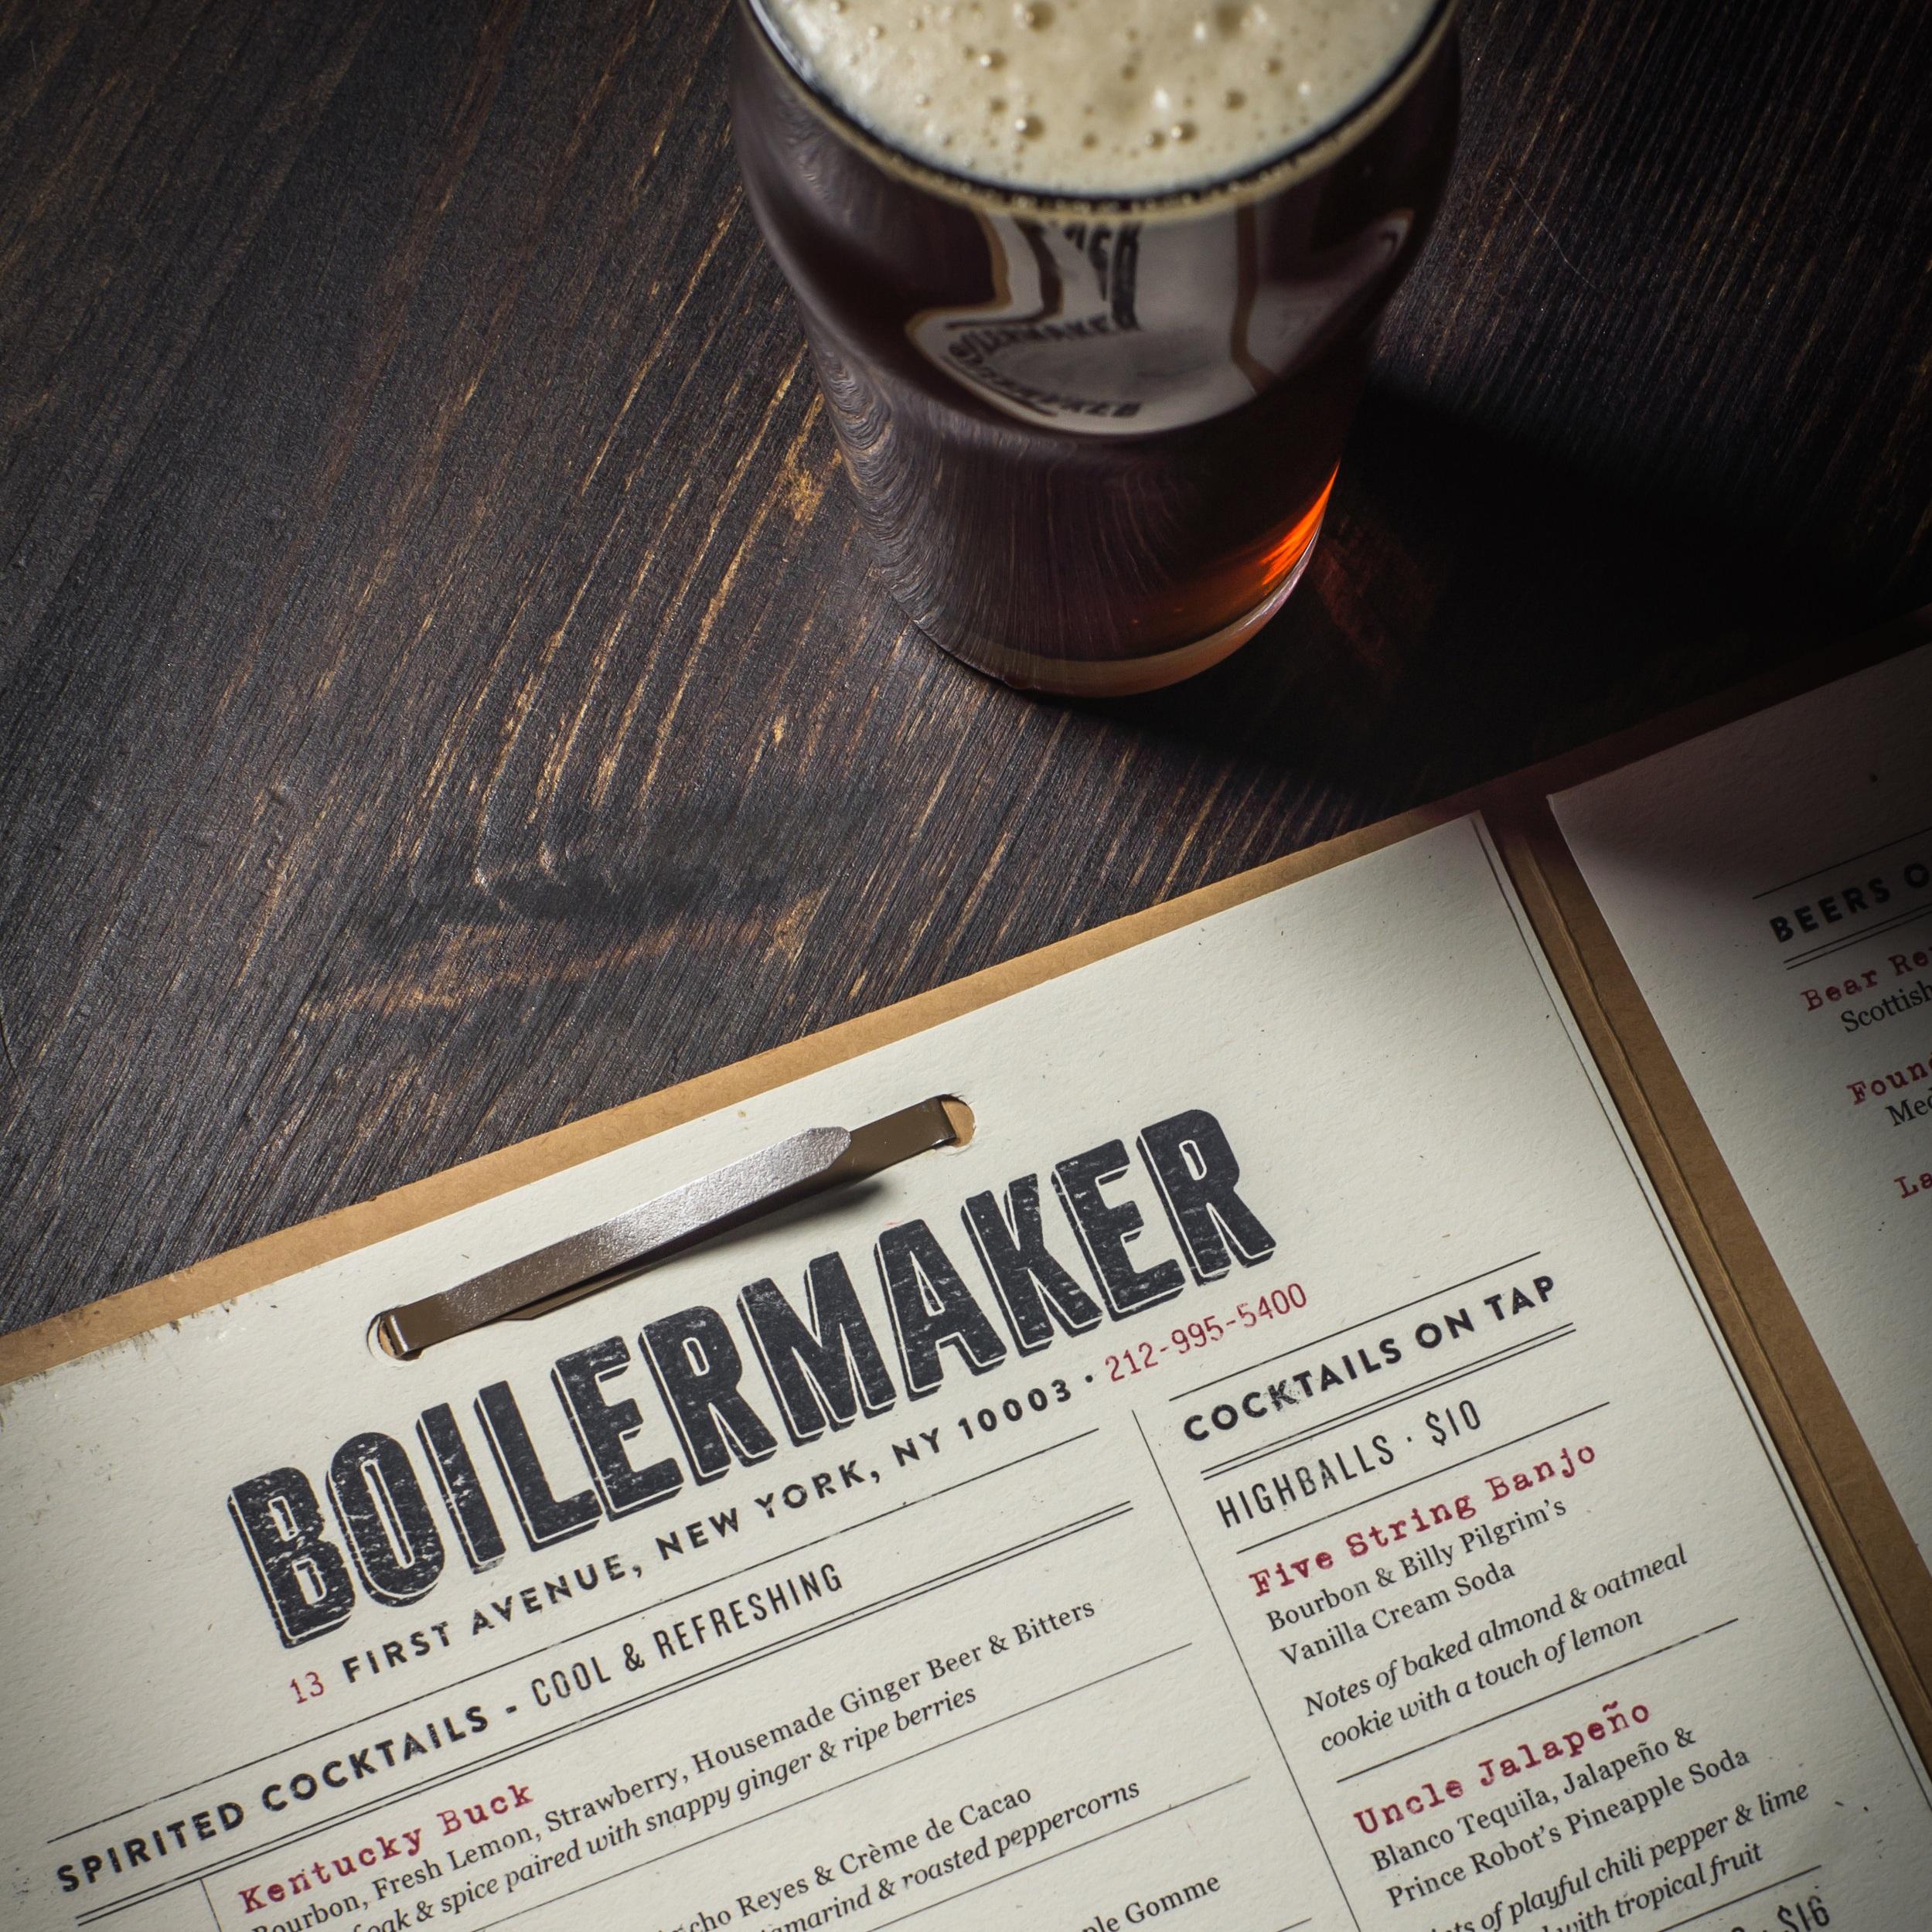 BOILERMAKER_0922_menu_Wagtouicz_03.jpg